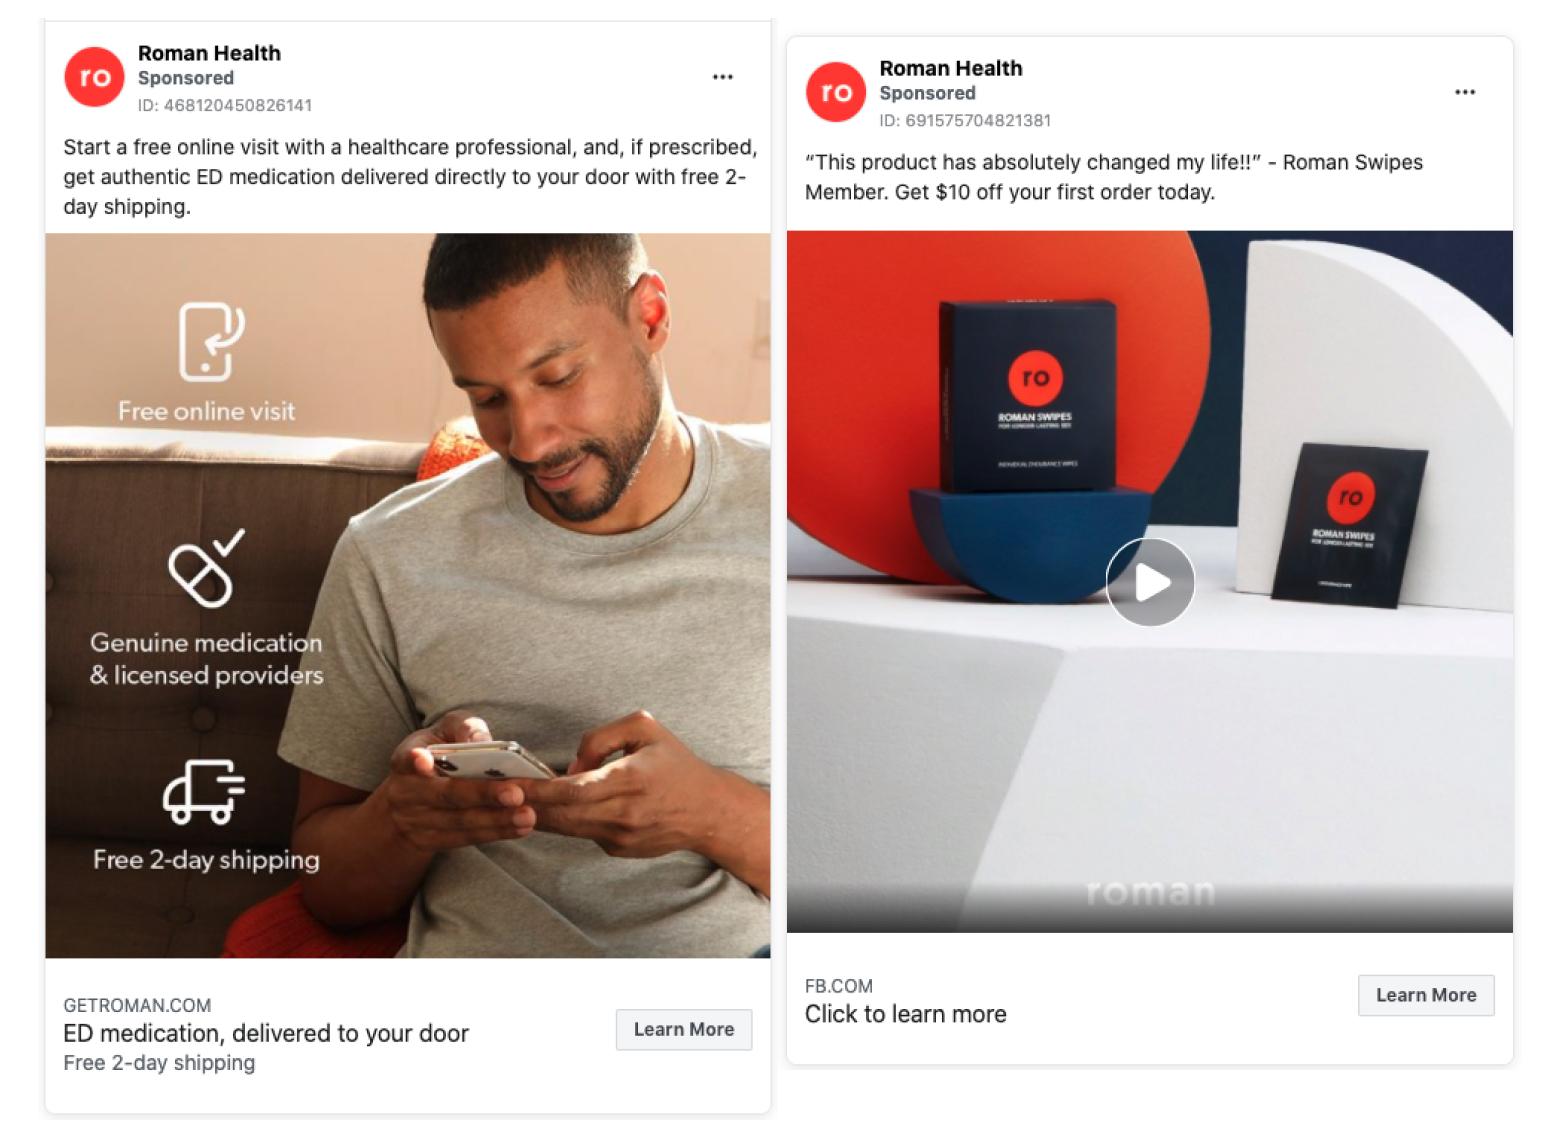 Roman's social media facebook ads